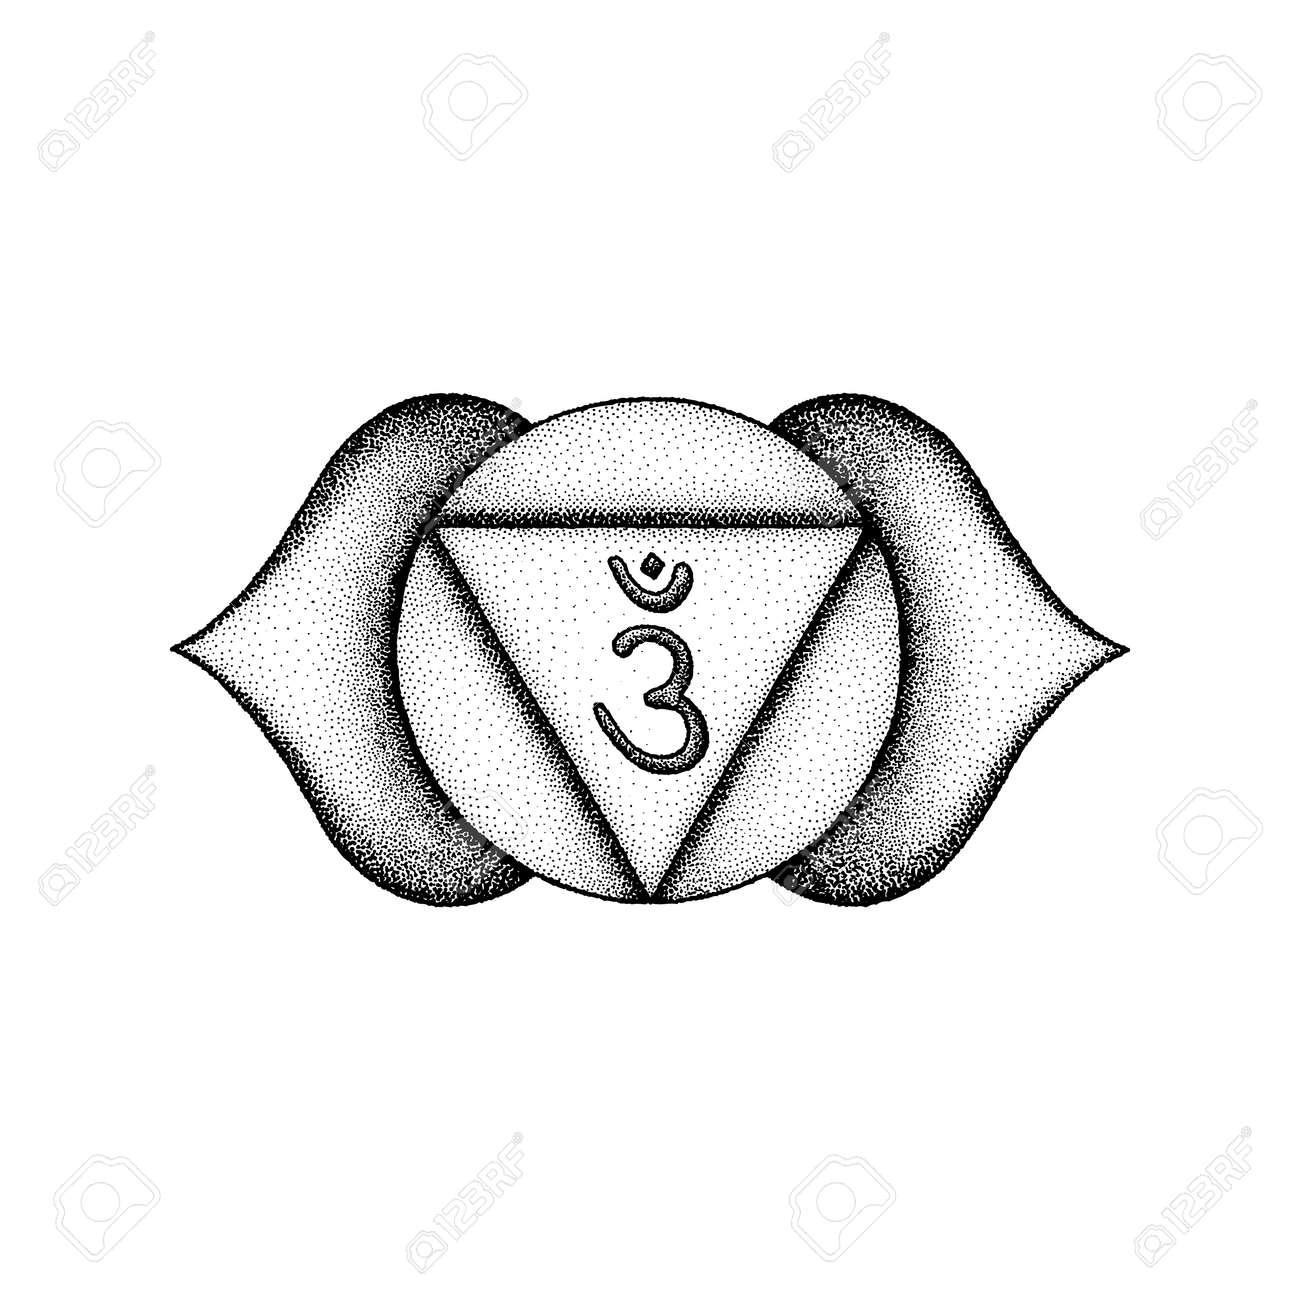 Vector Third Eye Ajna Sixth Chakra Sanskrit Seed Mantra Om Hinduism